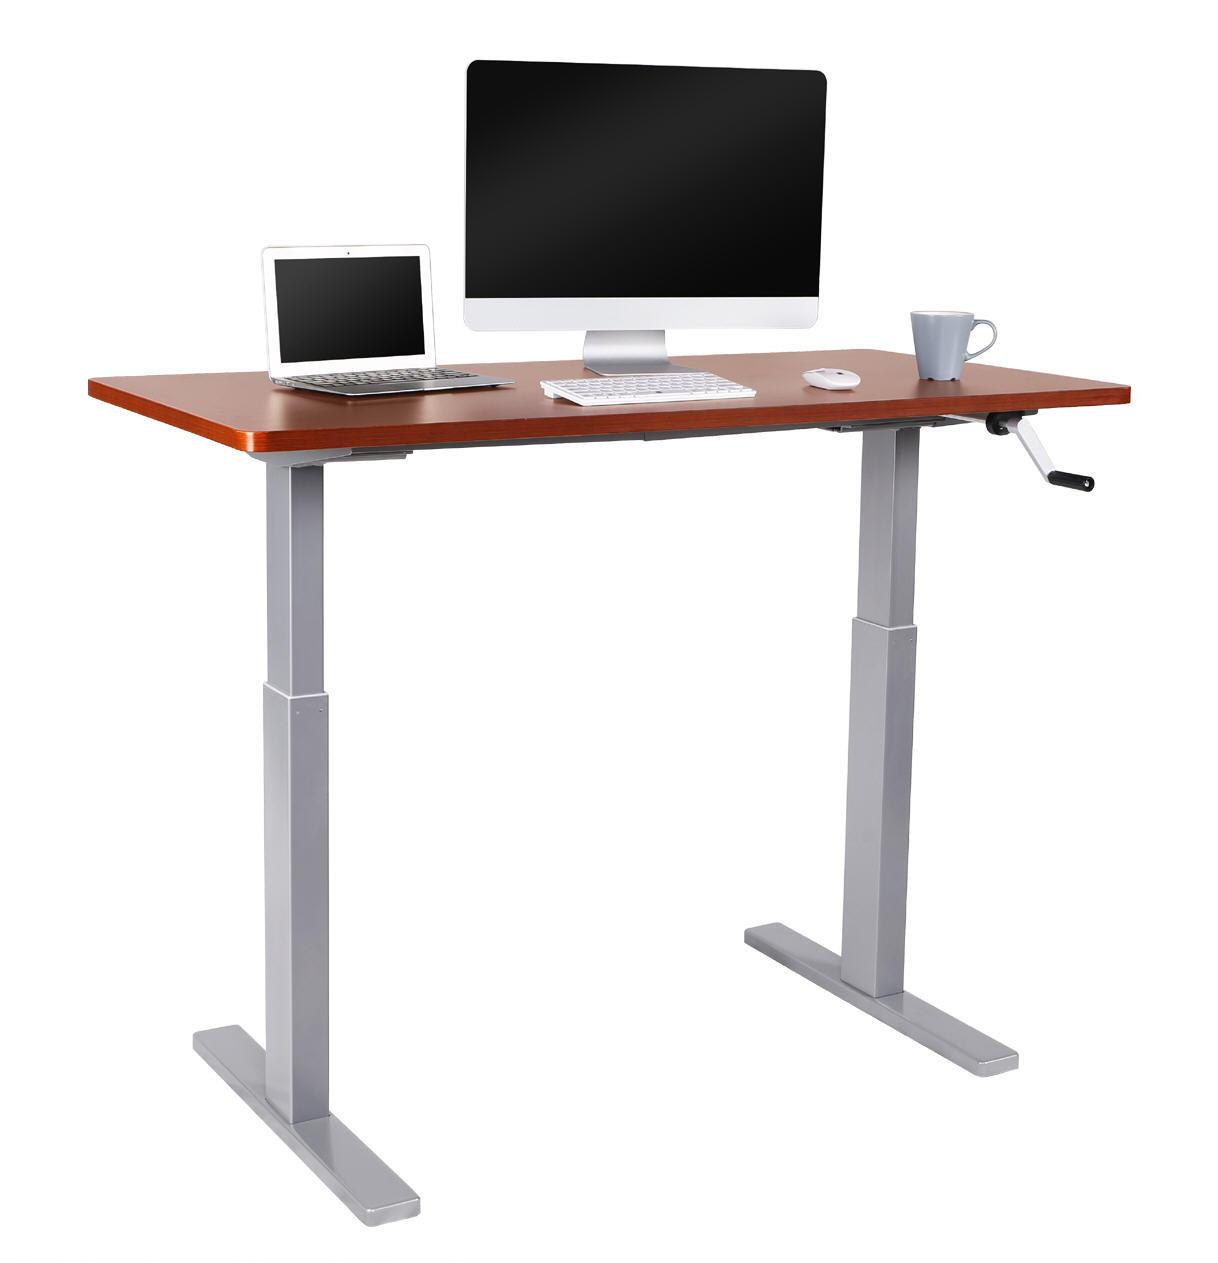 Crank Handle Manual Height Adjustable Lift Standing Desk